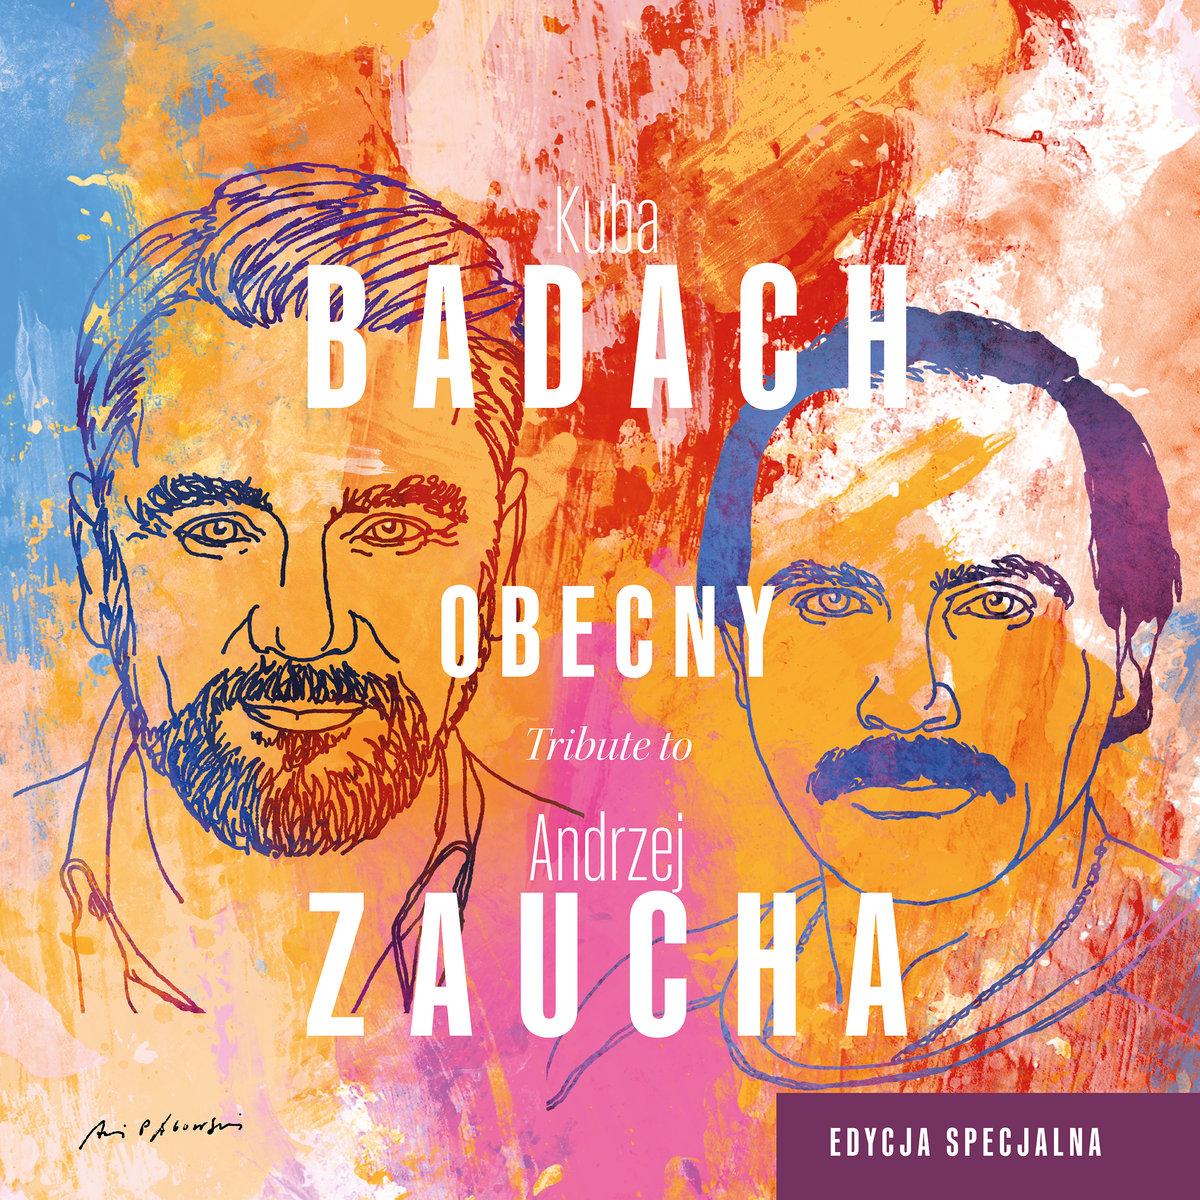 BADACH KUBA – Obecny. Tribute To Andrzej Zaucha